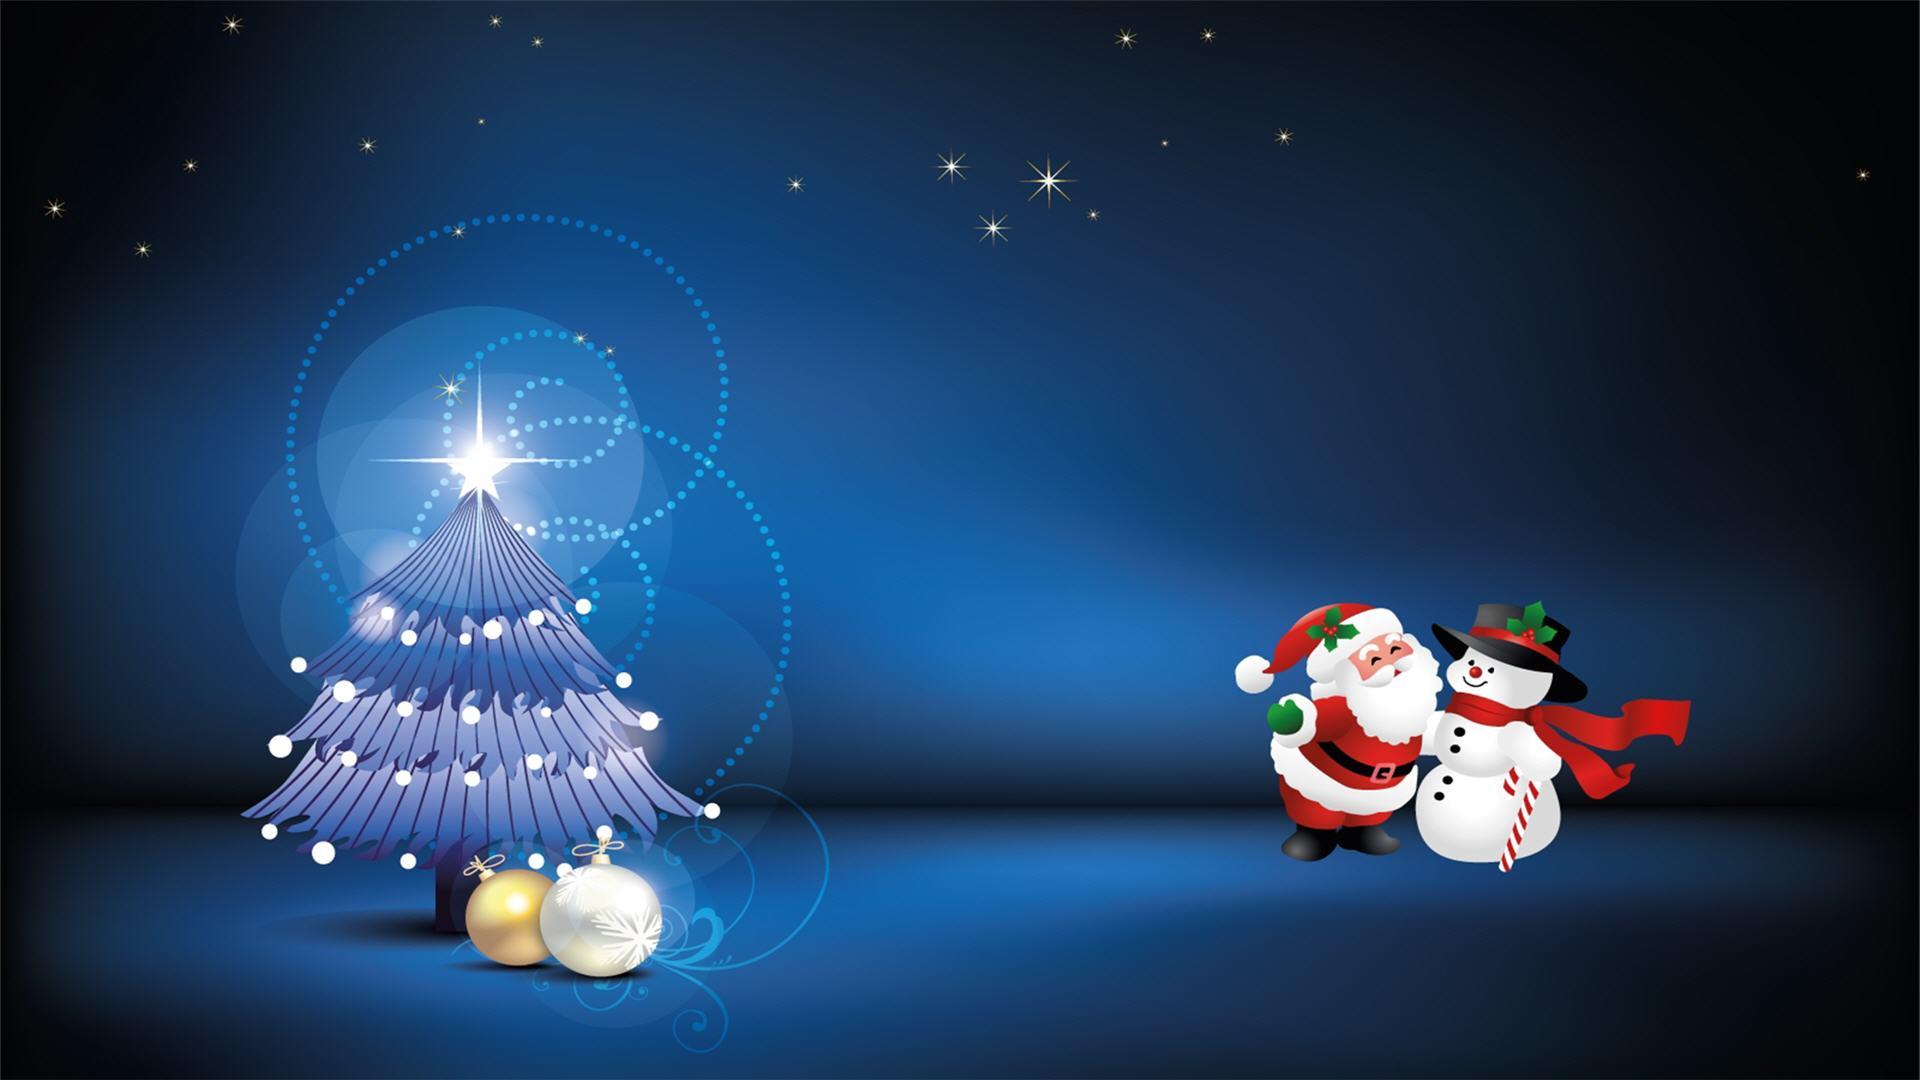 Fondos De Pantalla Hd Navidad 2016: Navidad, Fondos De Navidad, Wallpapers HD